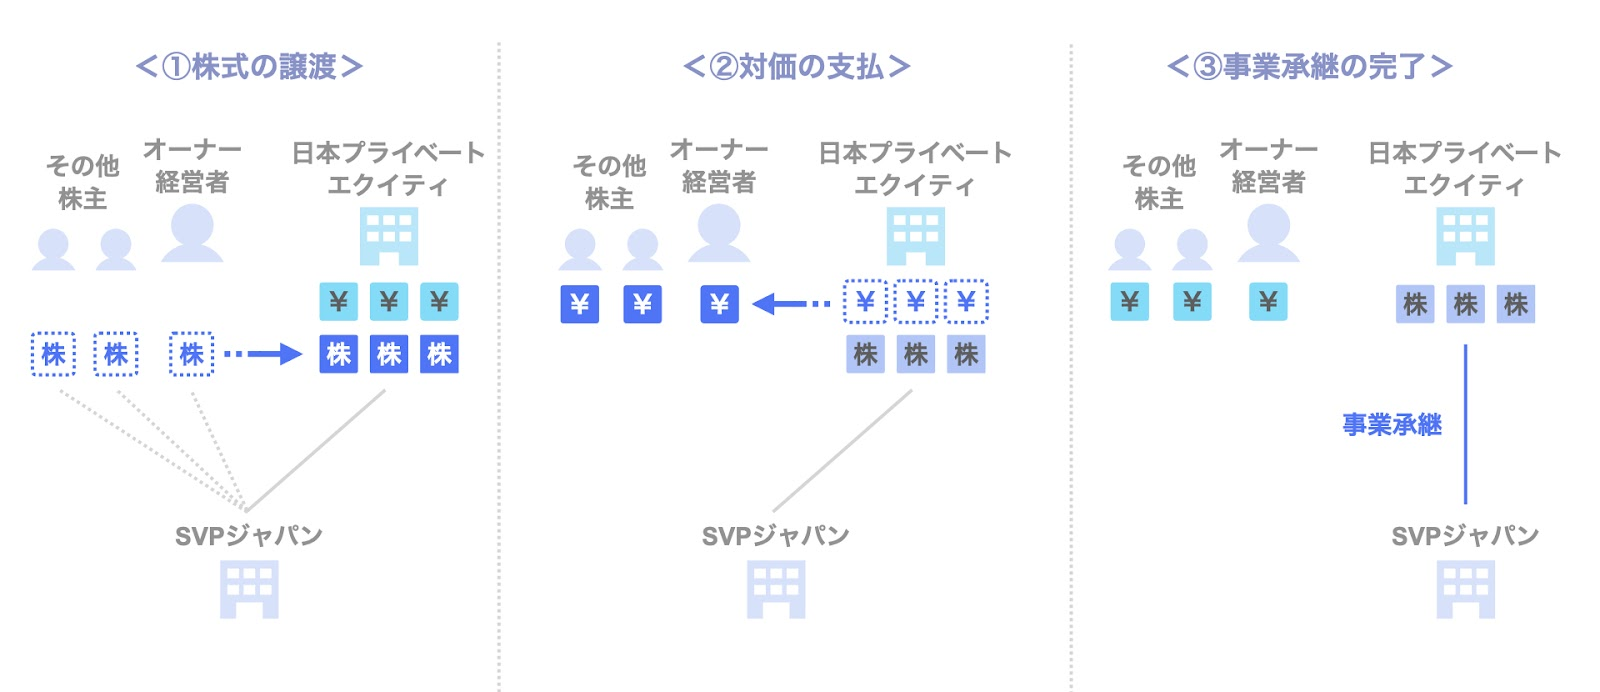 投資事例:日本プライベートエクイティによるSVPジャパンへの投資のスキーム